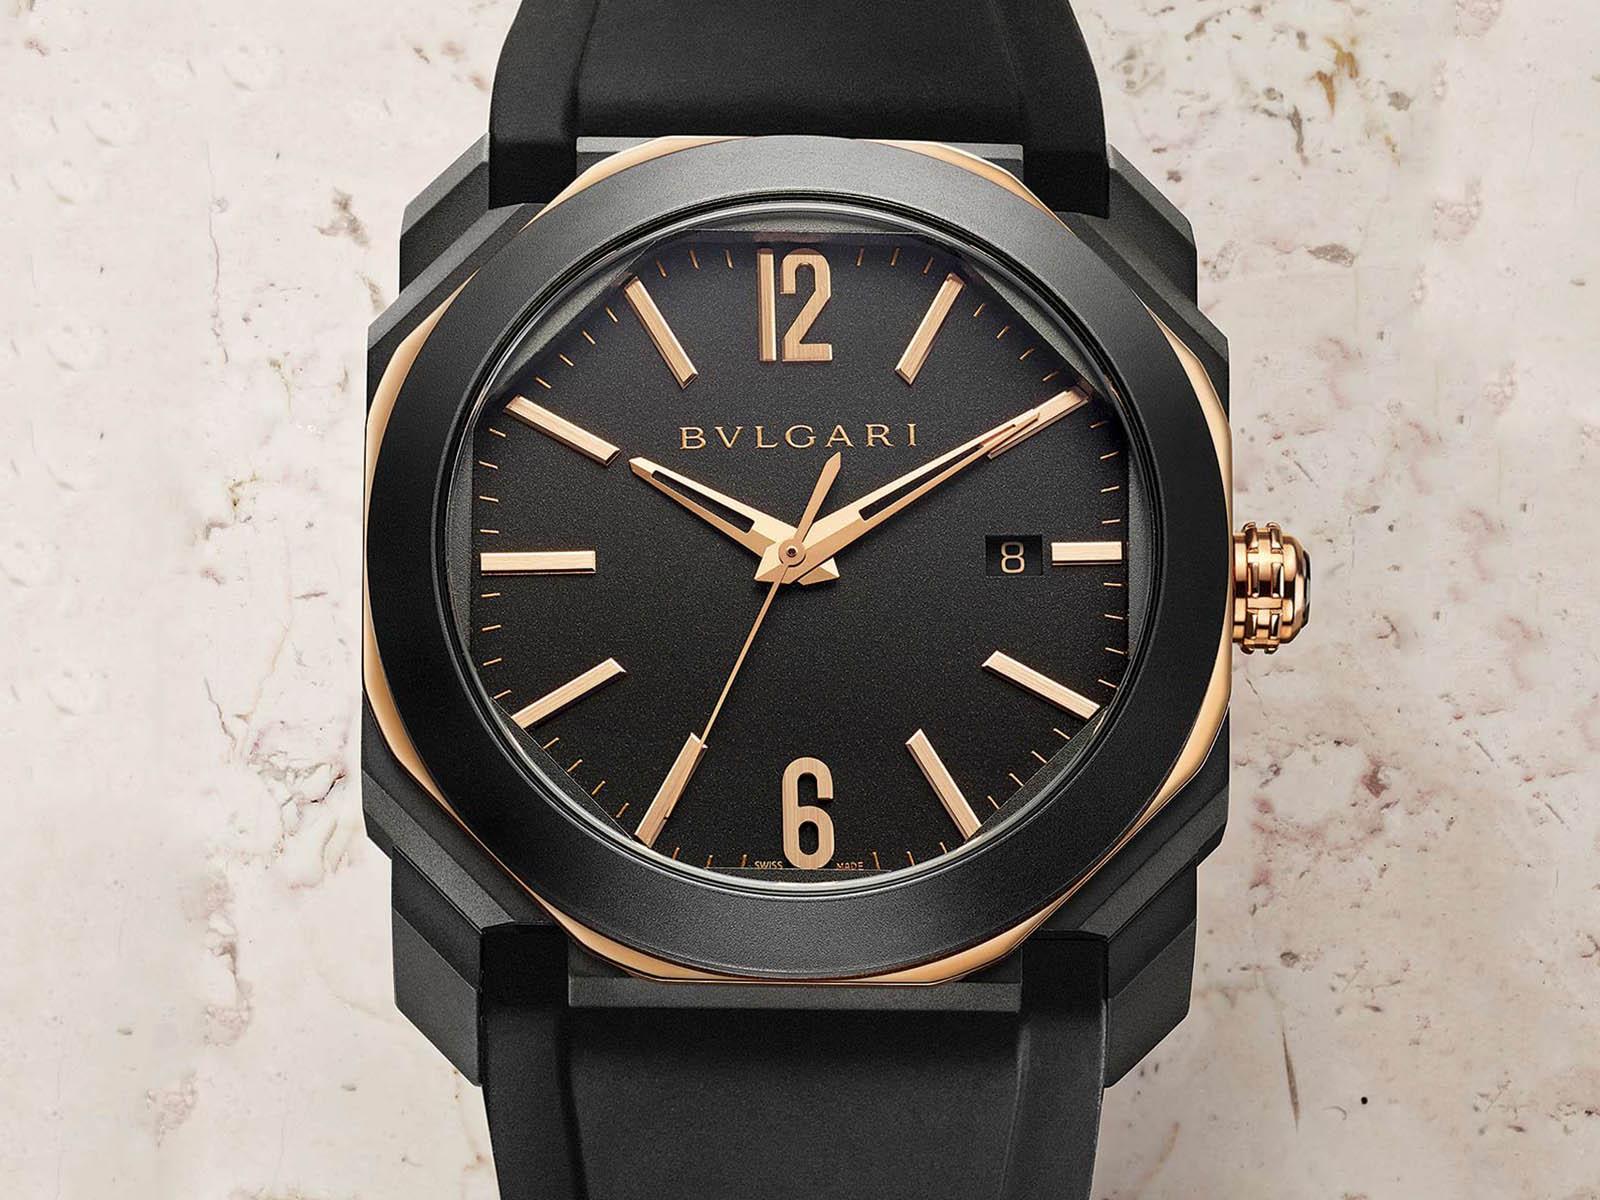 103085-bulgari-l-originale-chronograph-4.jpg